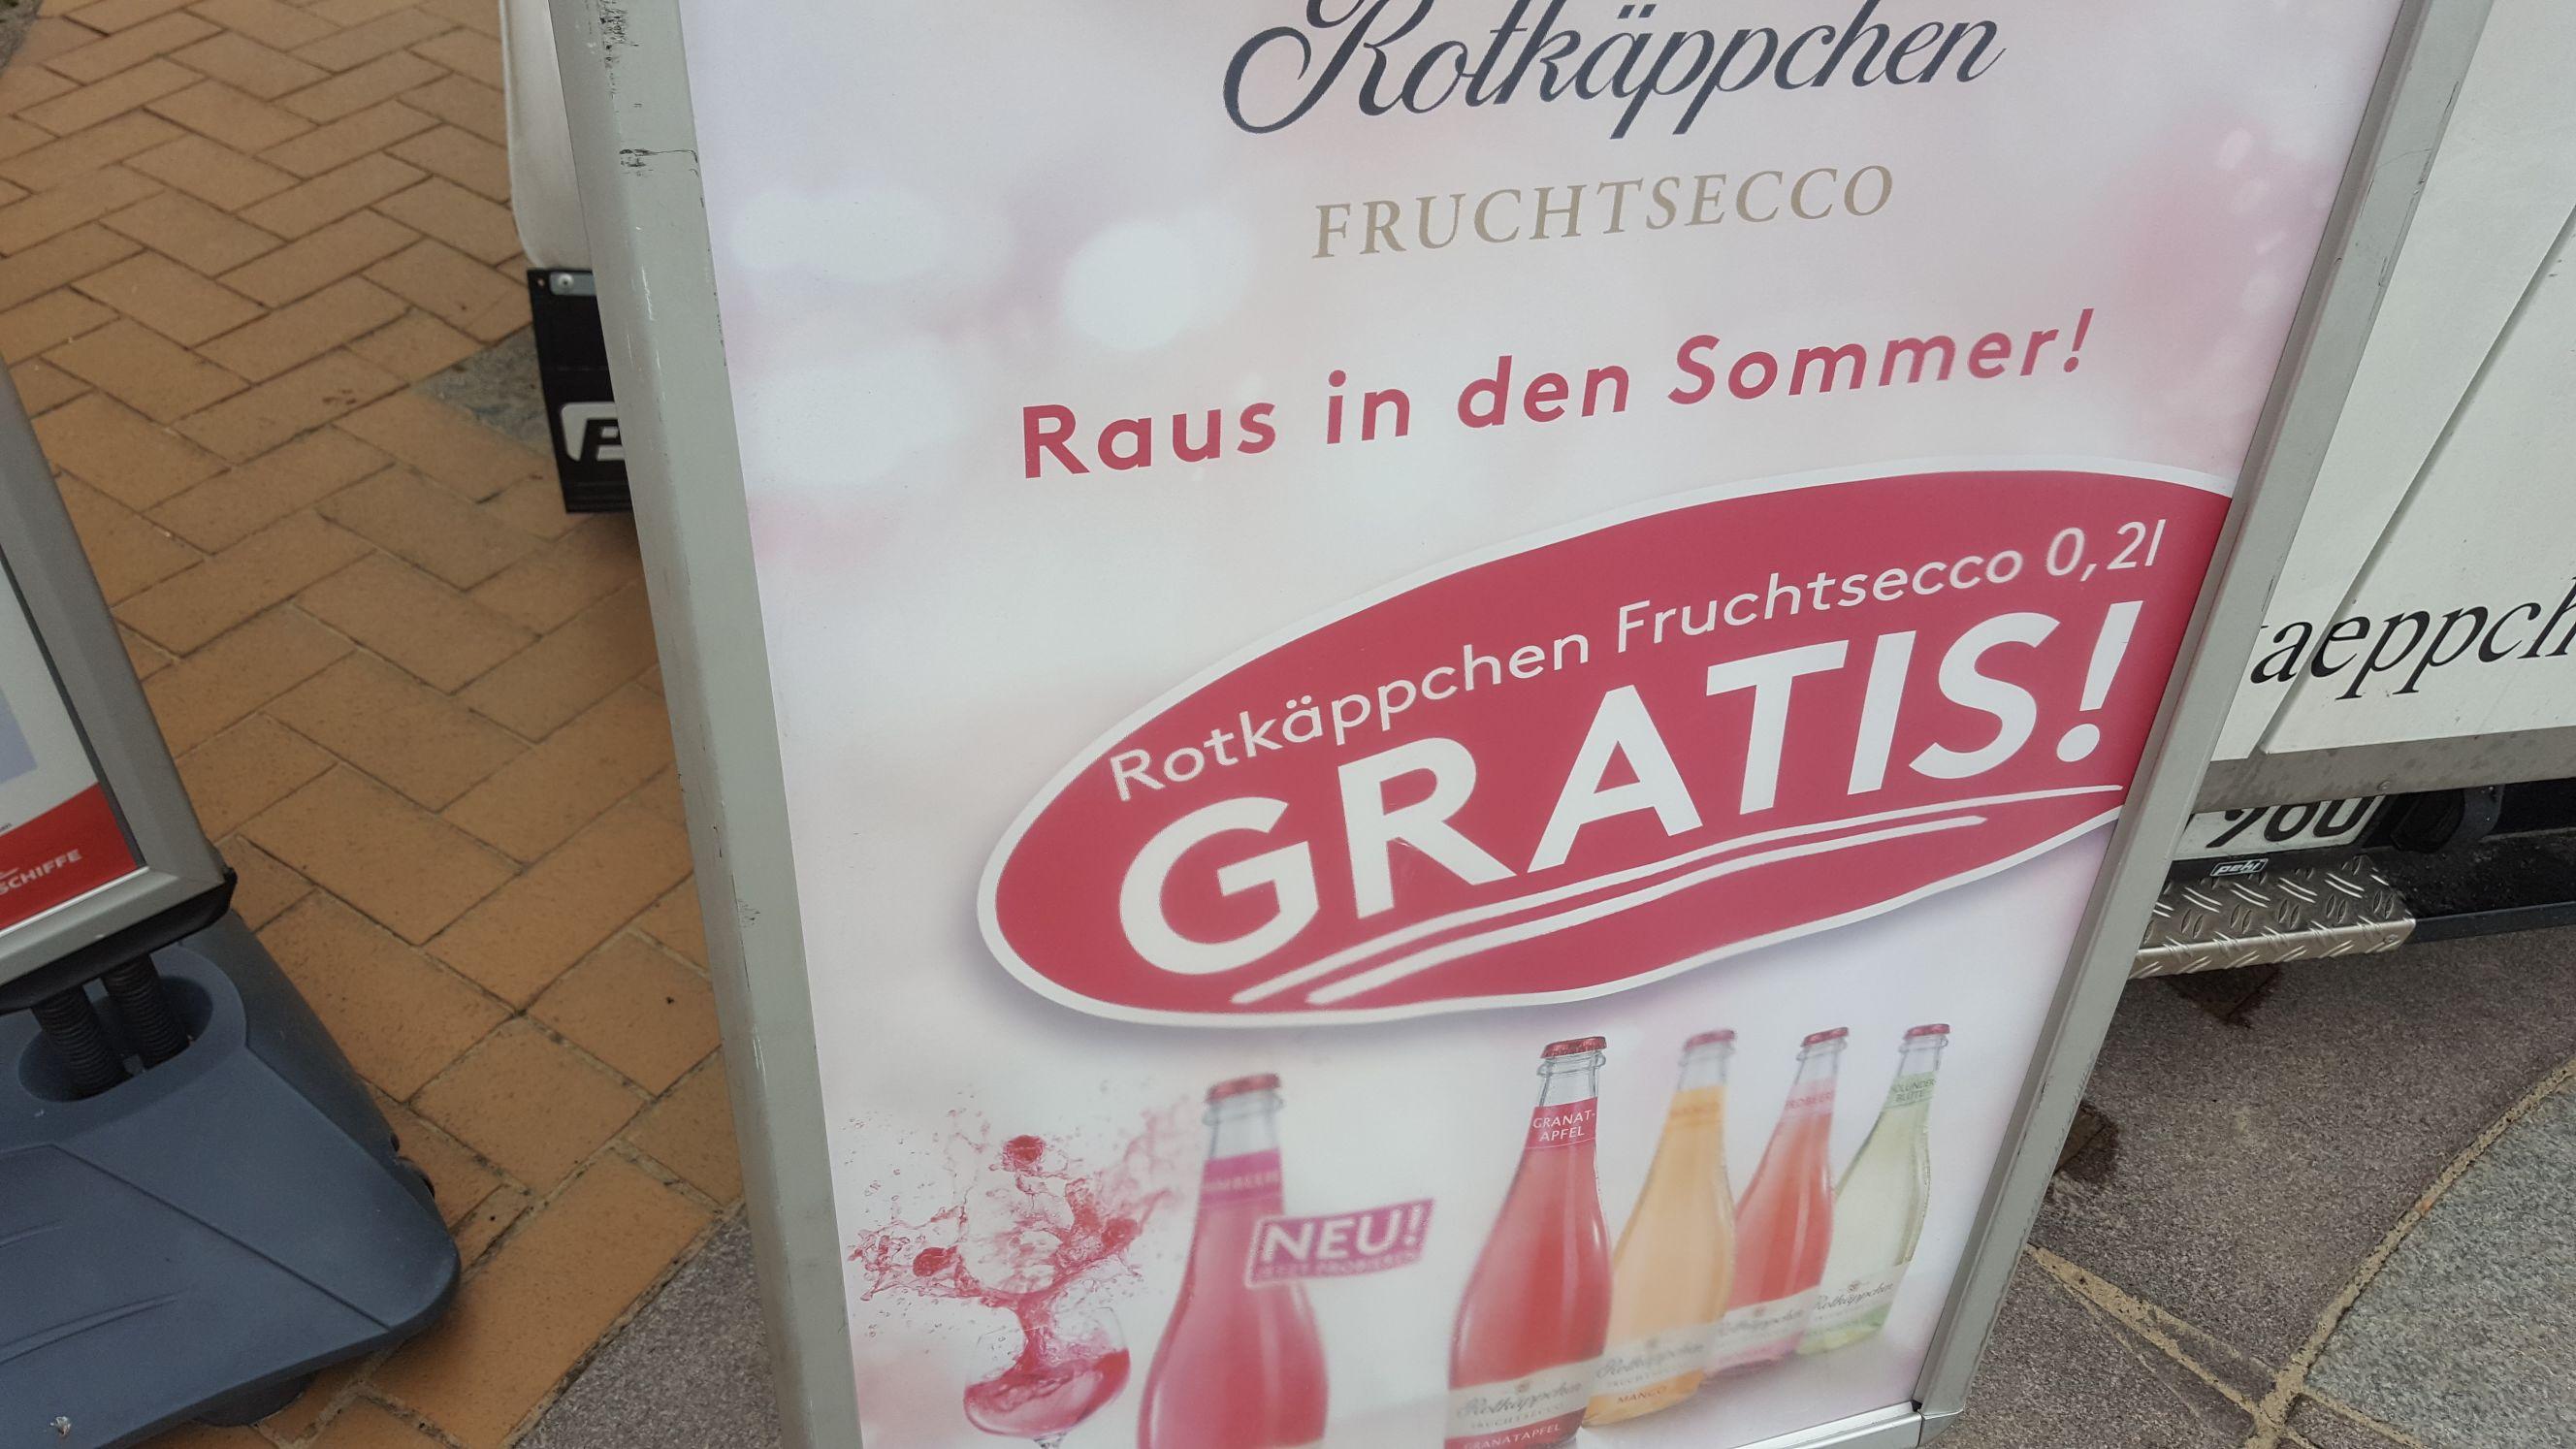 Rotkäppchen Fruchtsecco gratis in Göhren an der Strandpromenade.